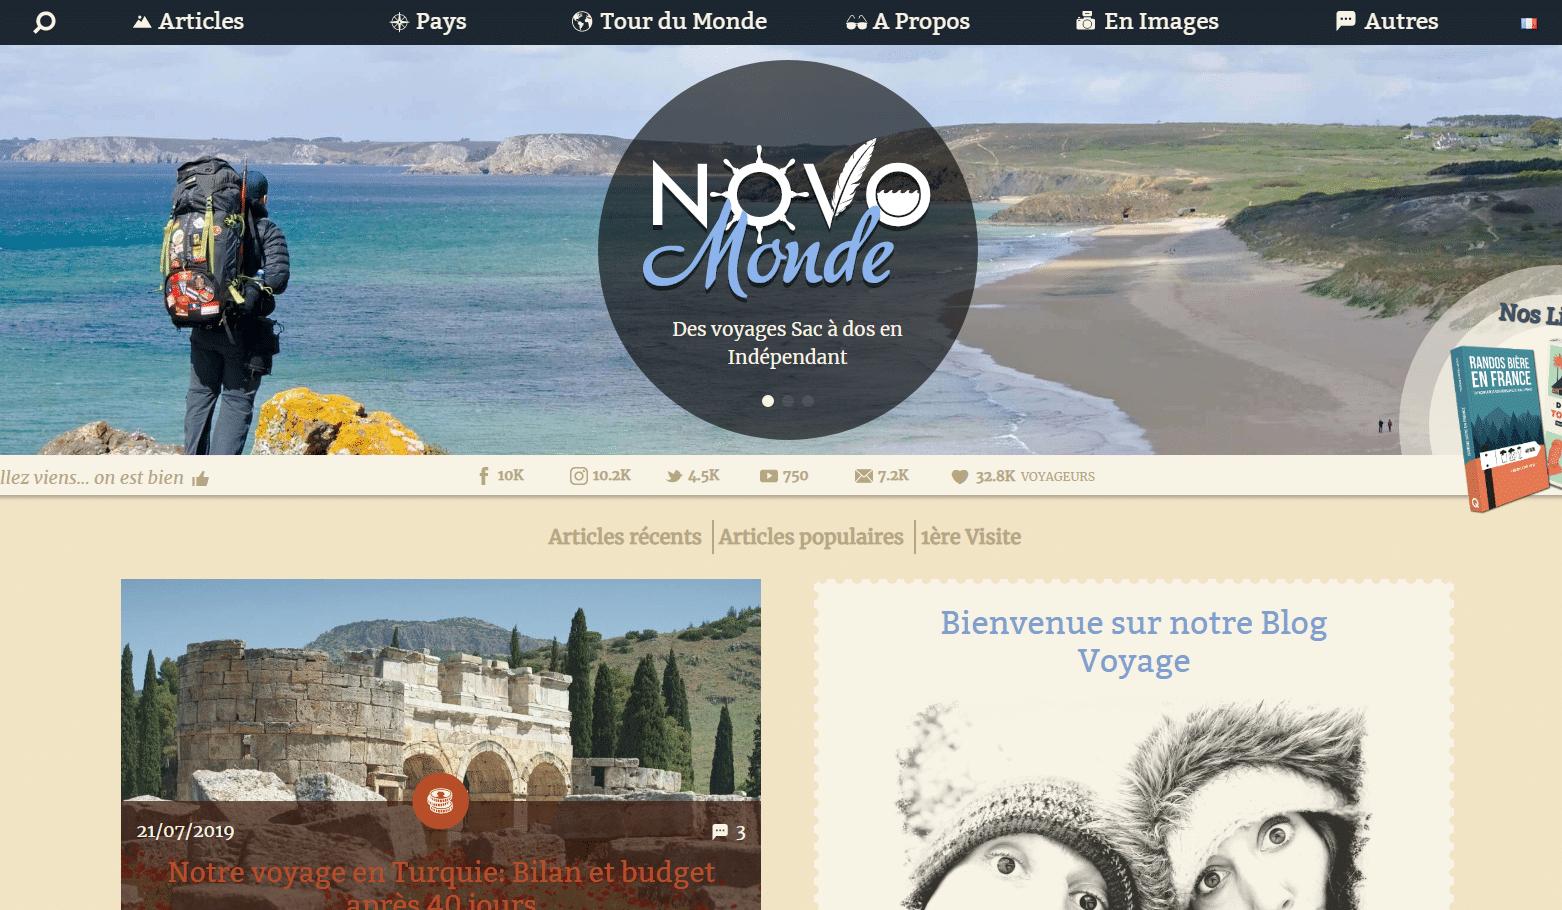 Blog de voyage Novo-Monde